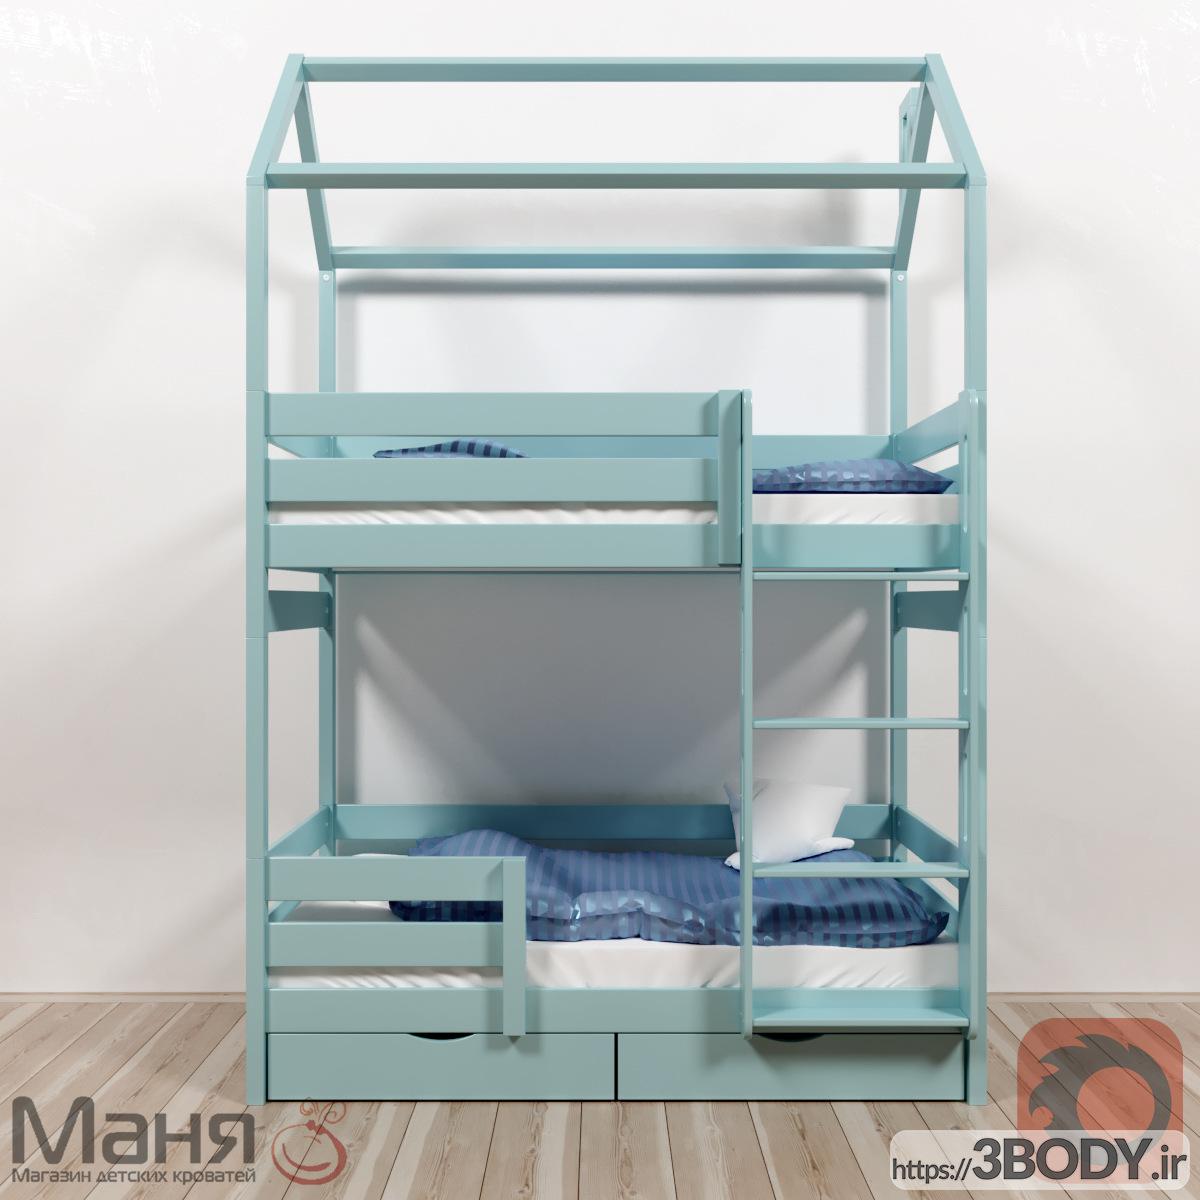 مدل سه بعدی تخت خواب بچه تخت دو طبقه عکس 2